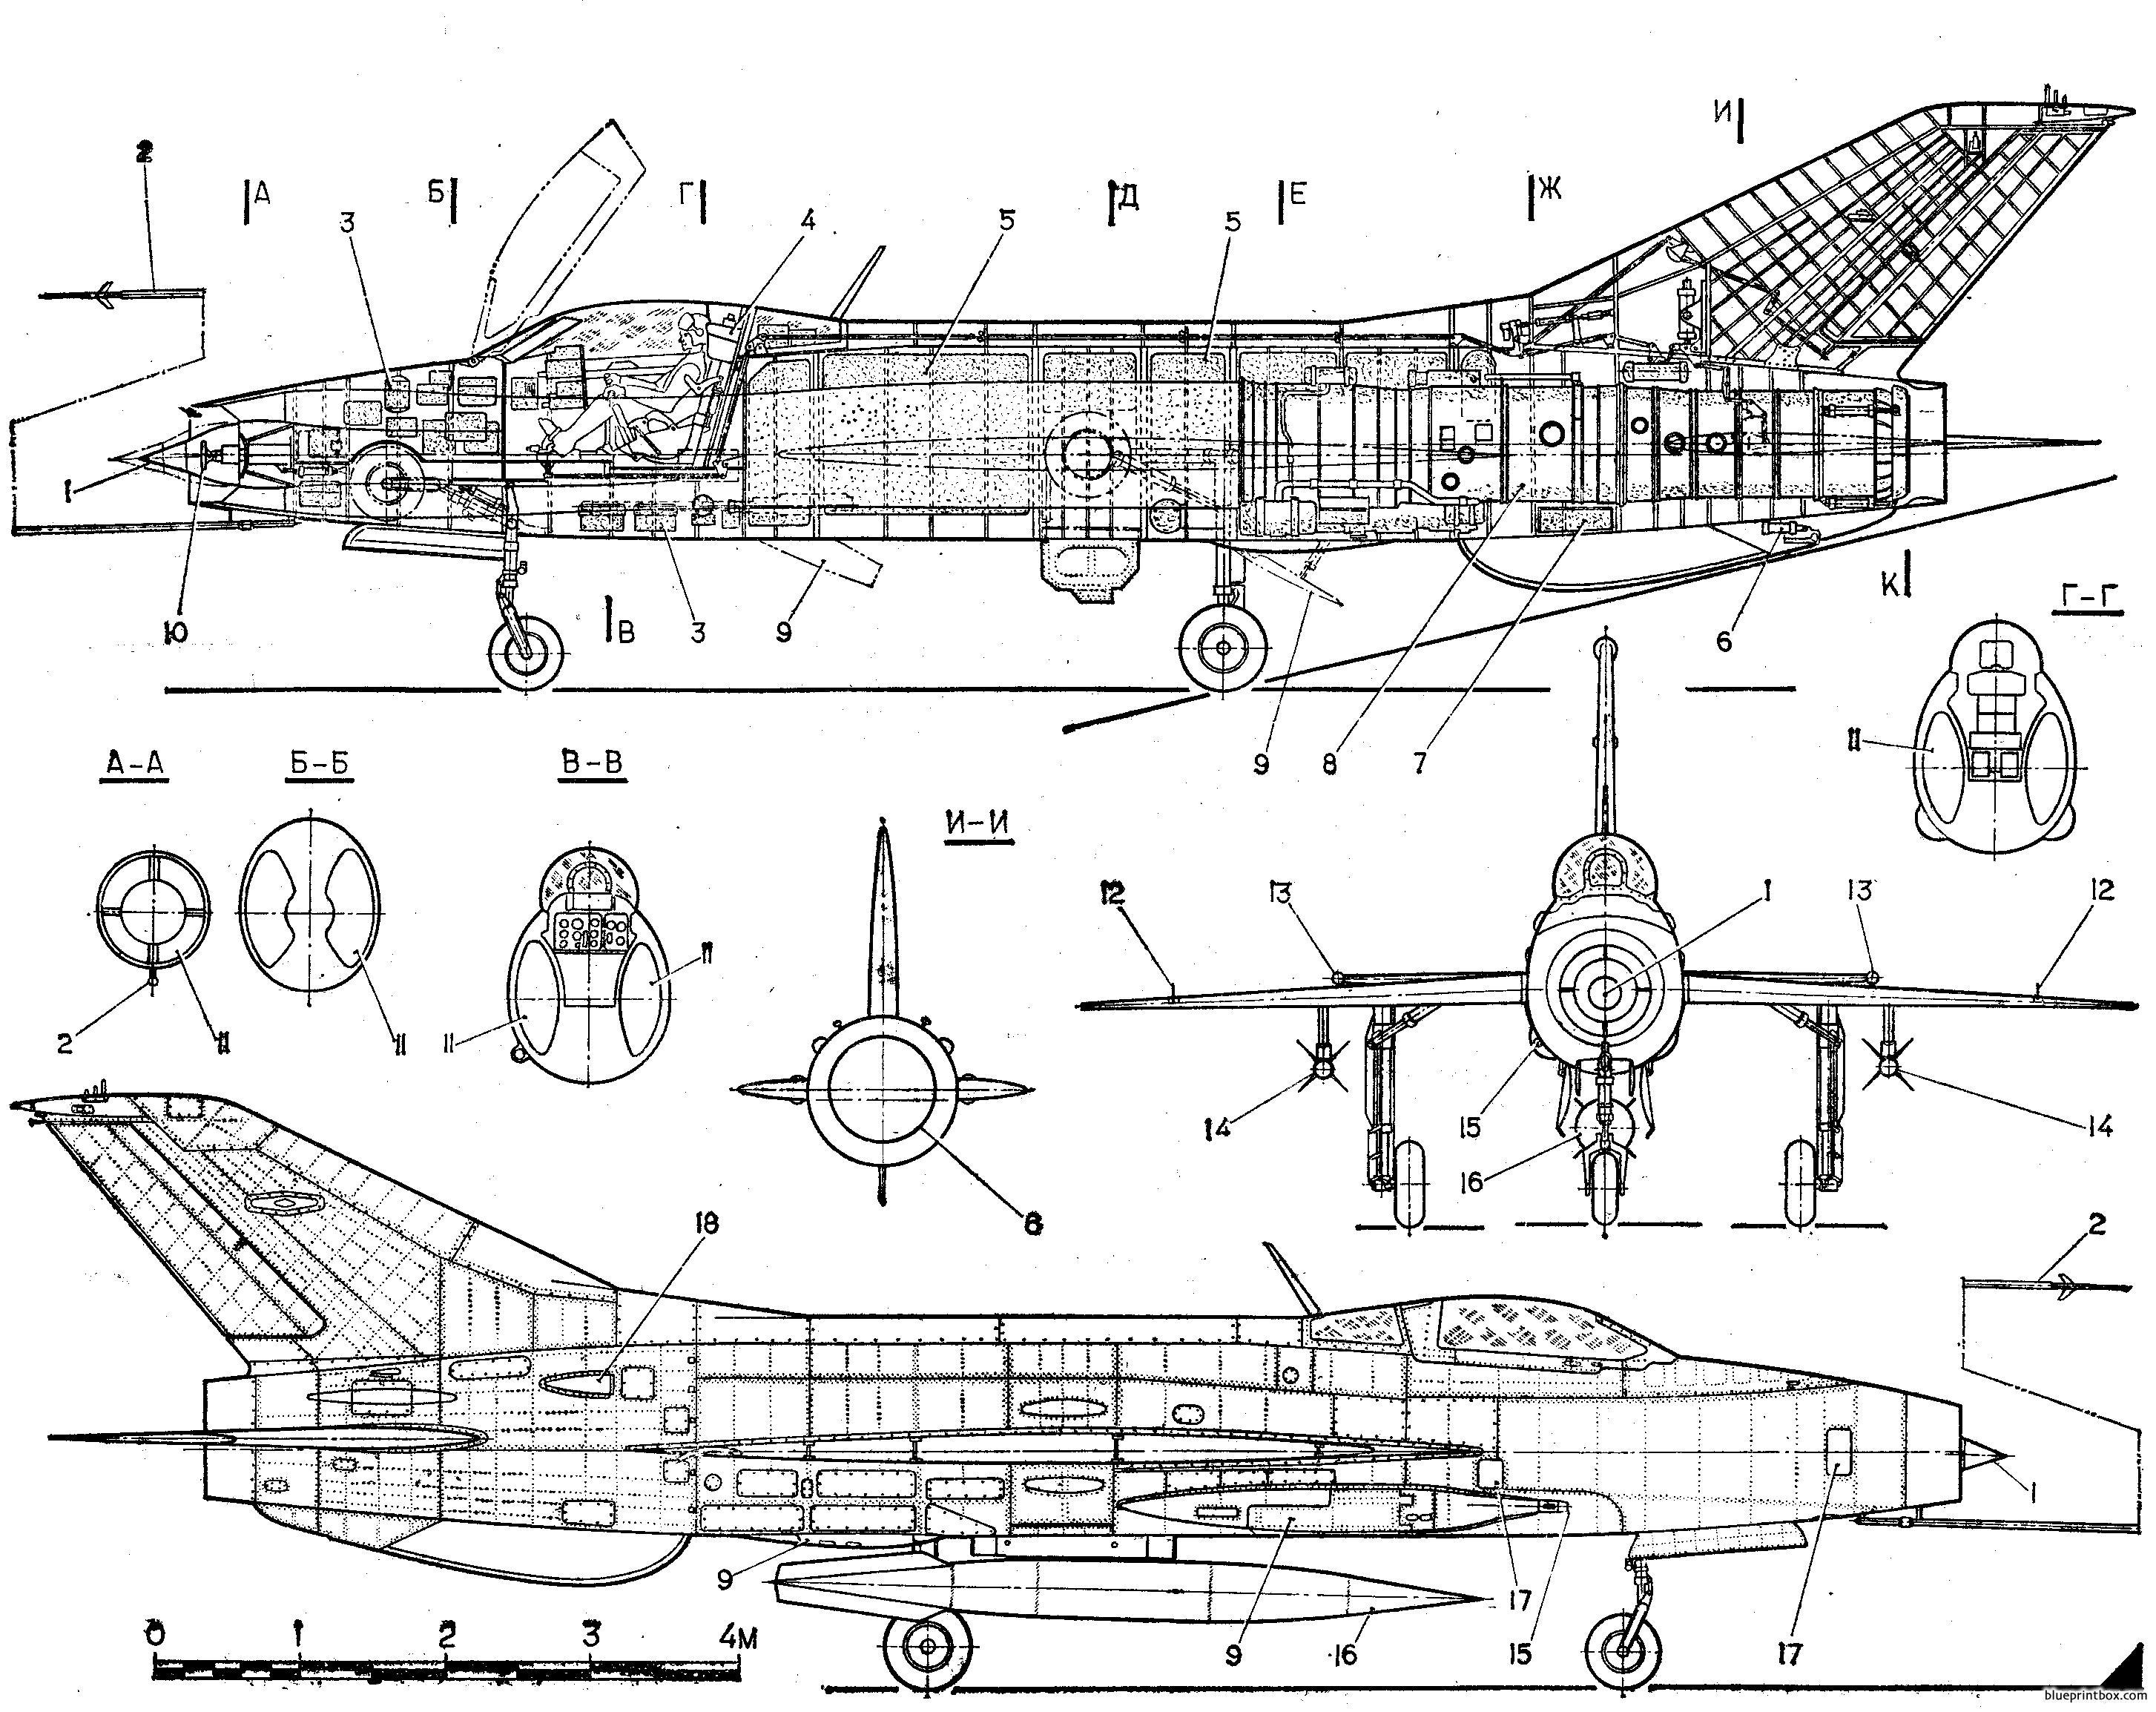 Mig 21 F 13